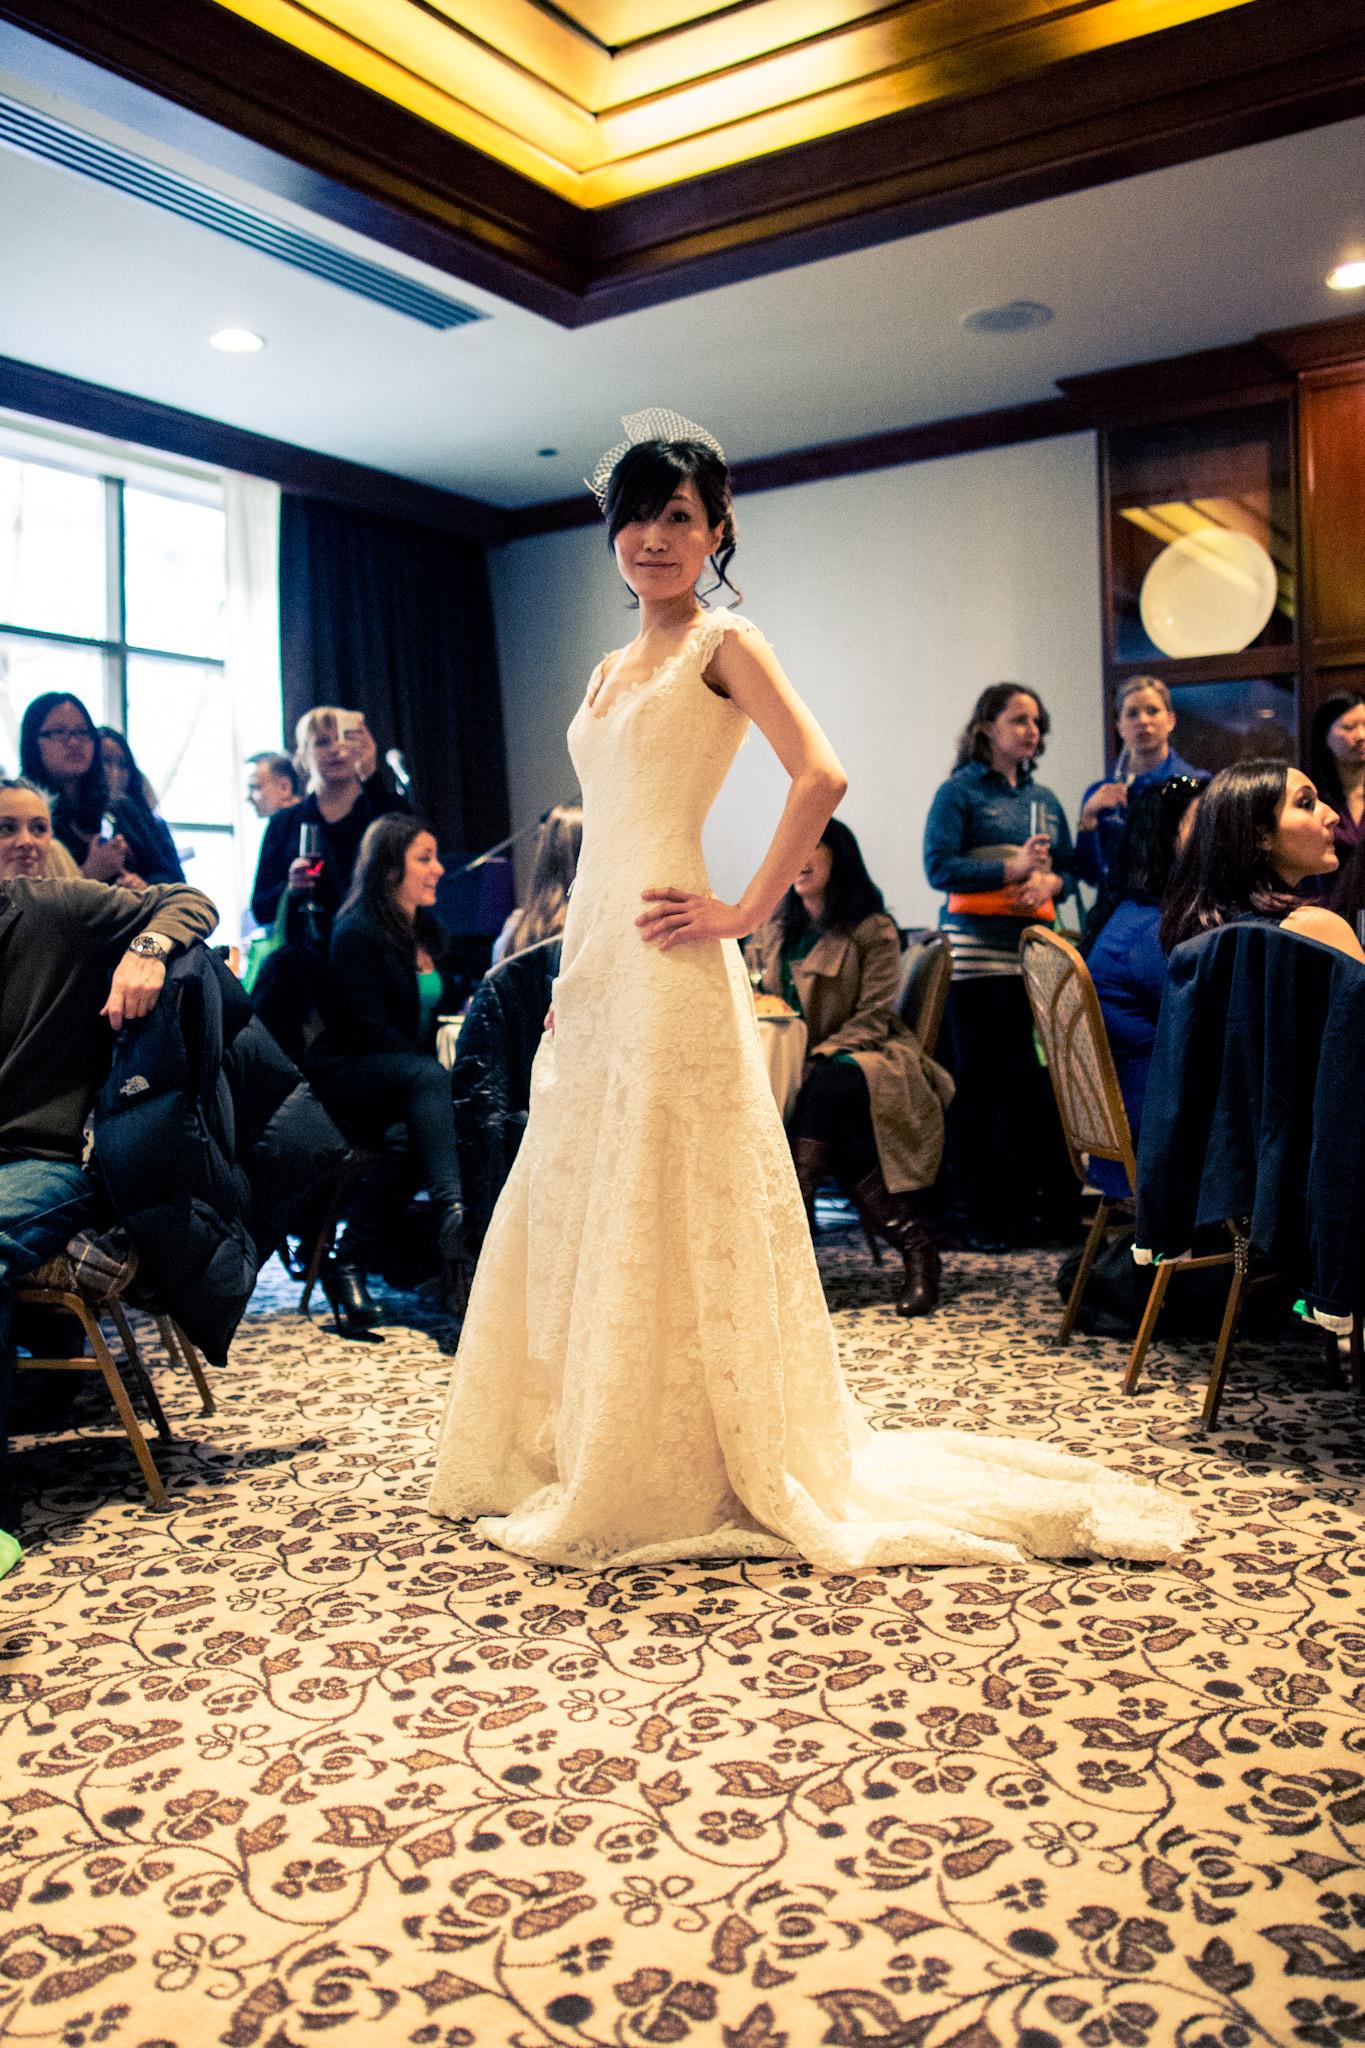 original-wedding-soiree-toronto-weddings-show-shows-event-events (7).jpg